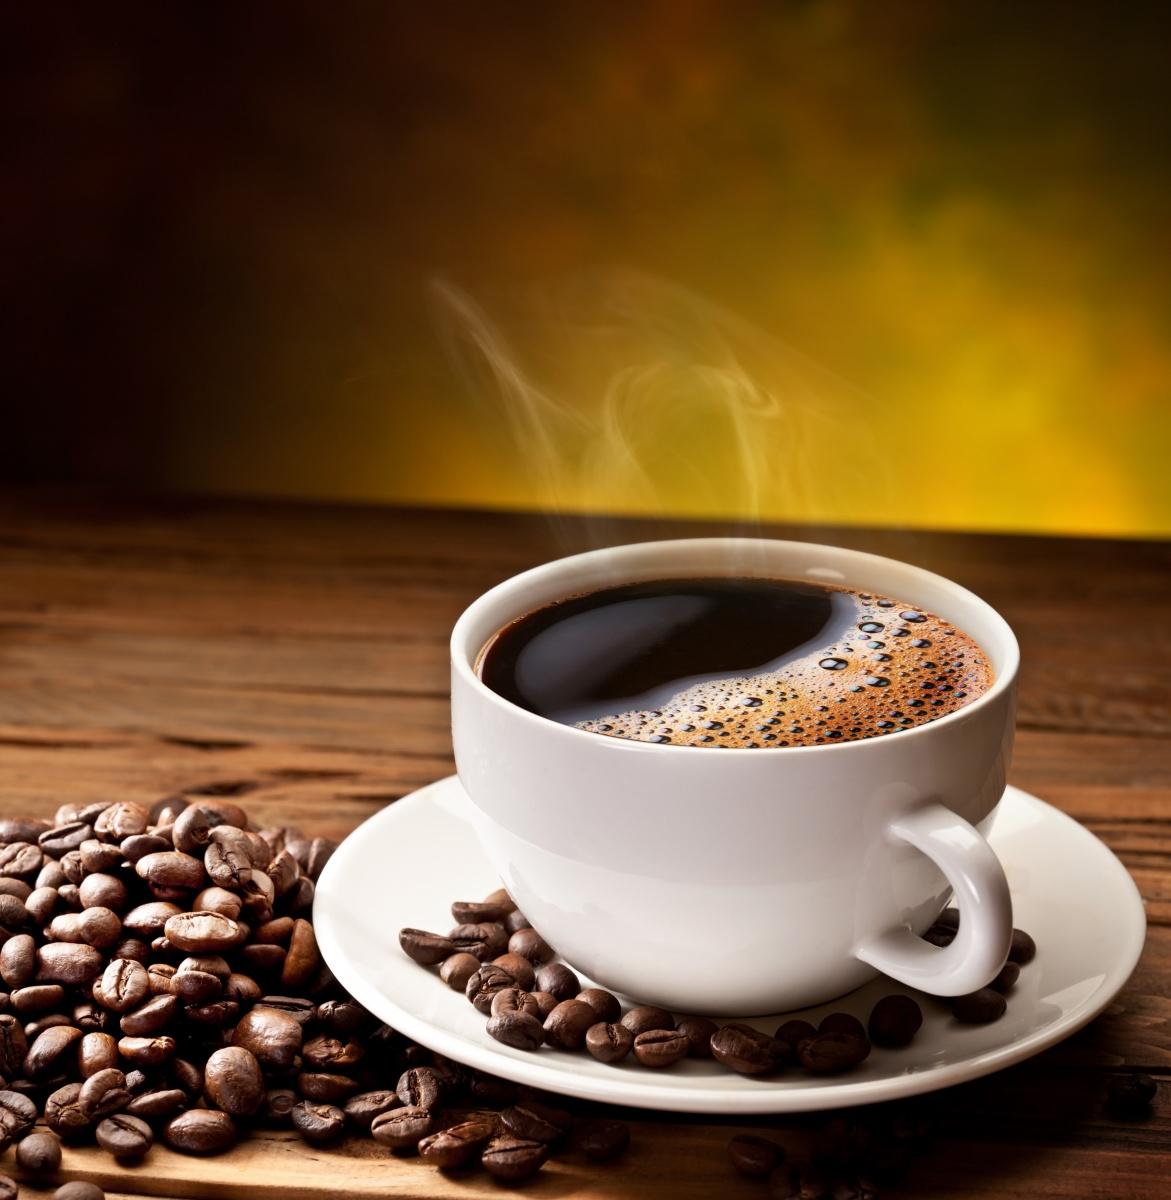 Рецепт Эспрессо, кофе Эспрессо, сертифицированный Эспрессо, рецепт американо, рецепт латте, рецепт капучино, рецепты кофе, кофе, кофейные зерна, кофейное дерево, сорта кофе, виды кофе, латте, капучино, эспрессо, макиато, американо, рецепт приготовления кофе, приготовление кофе, варить кофе.